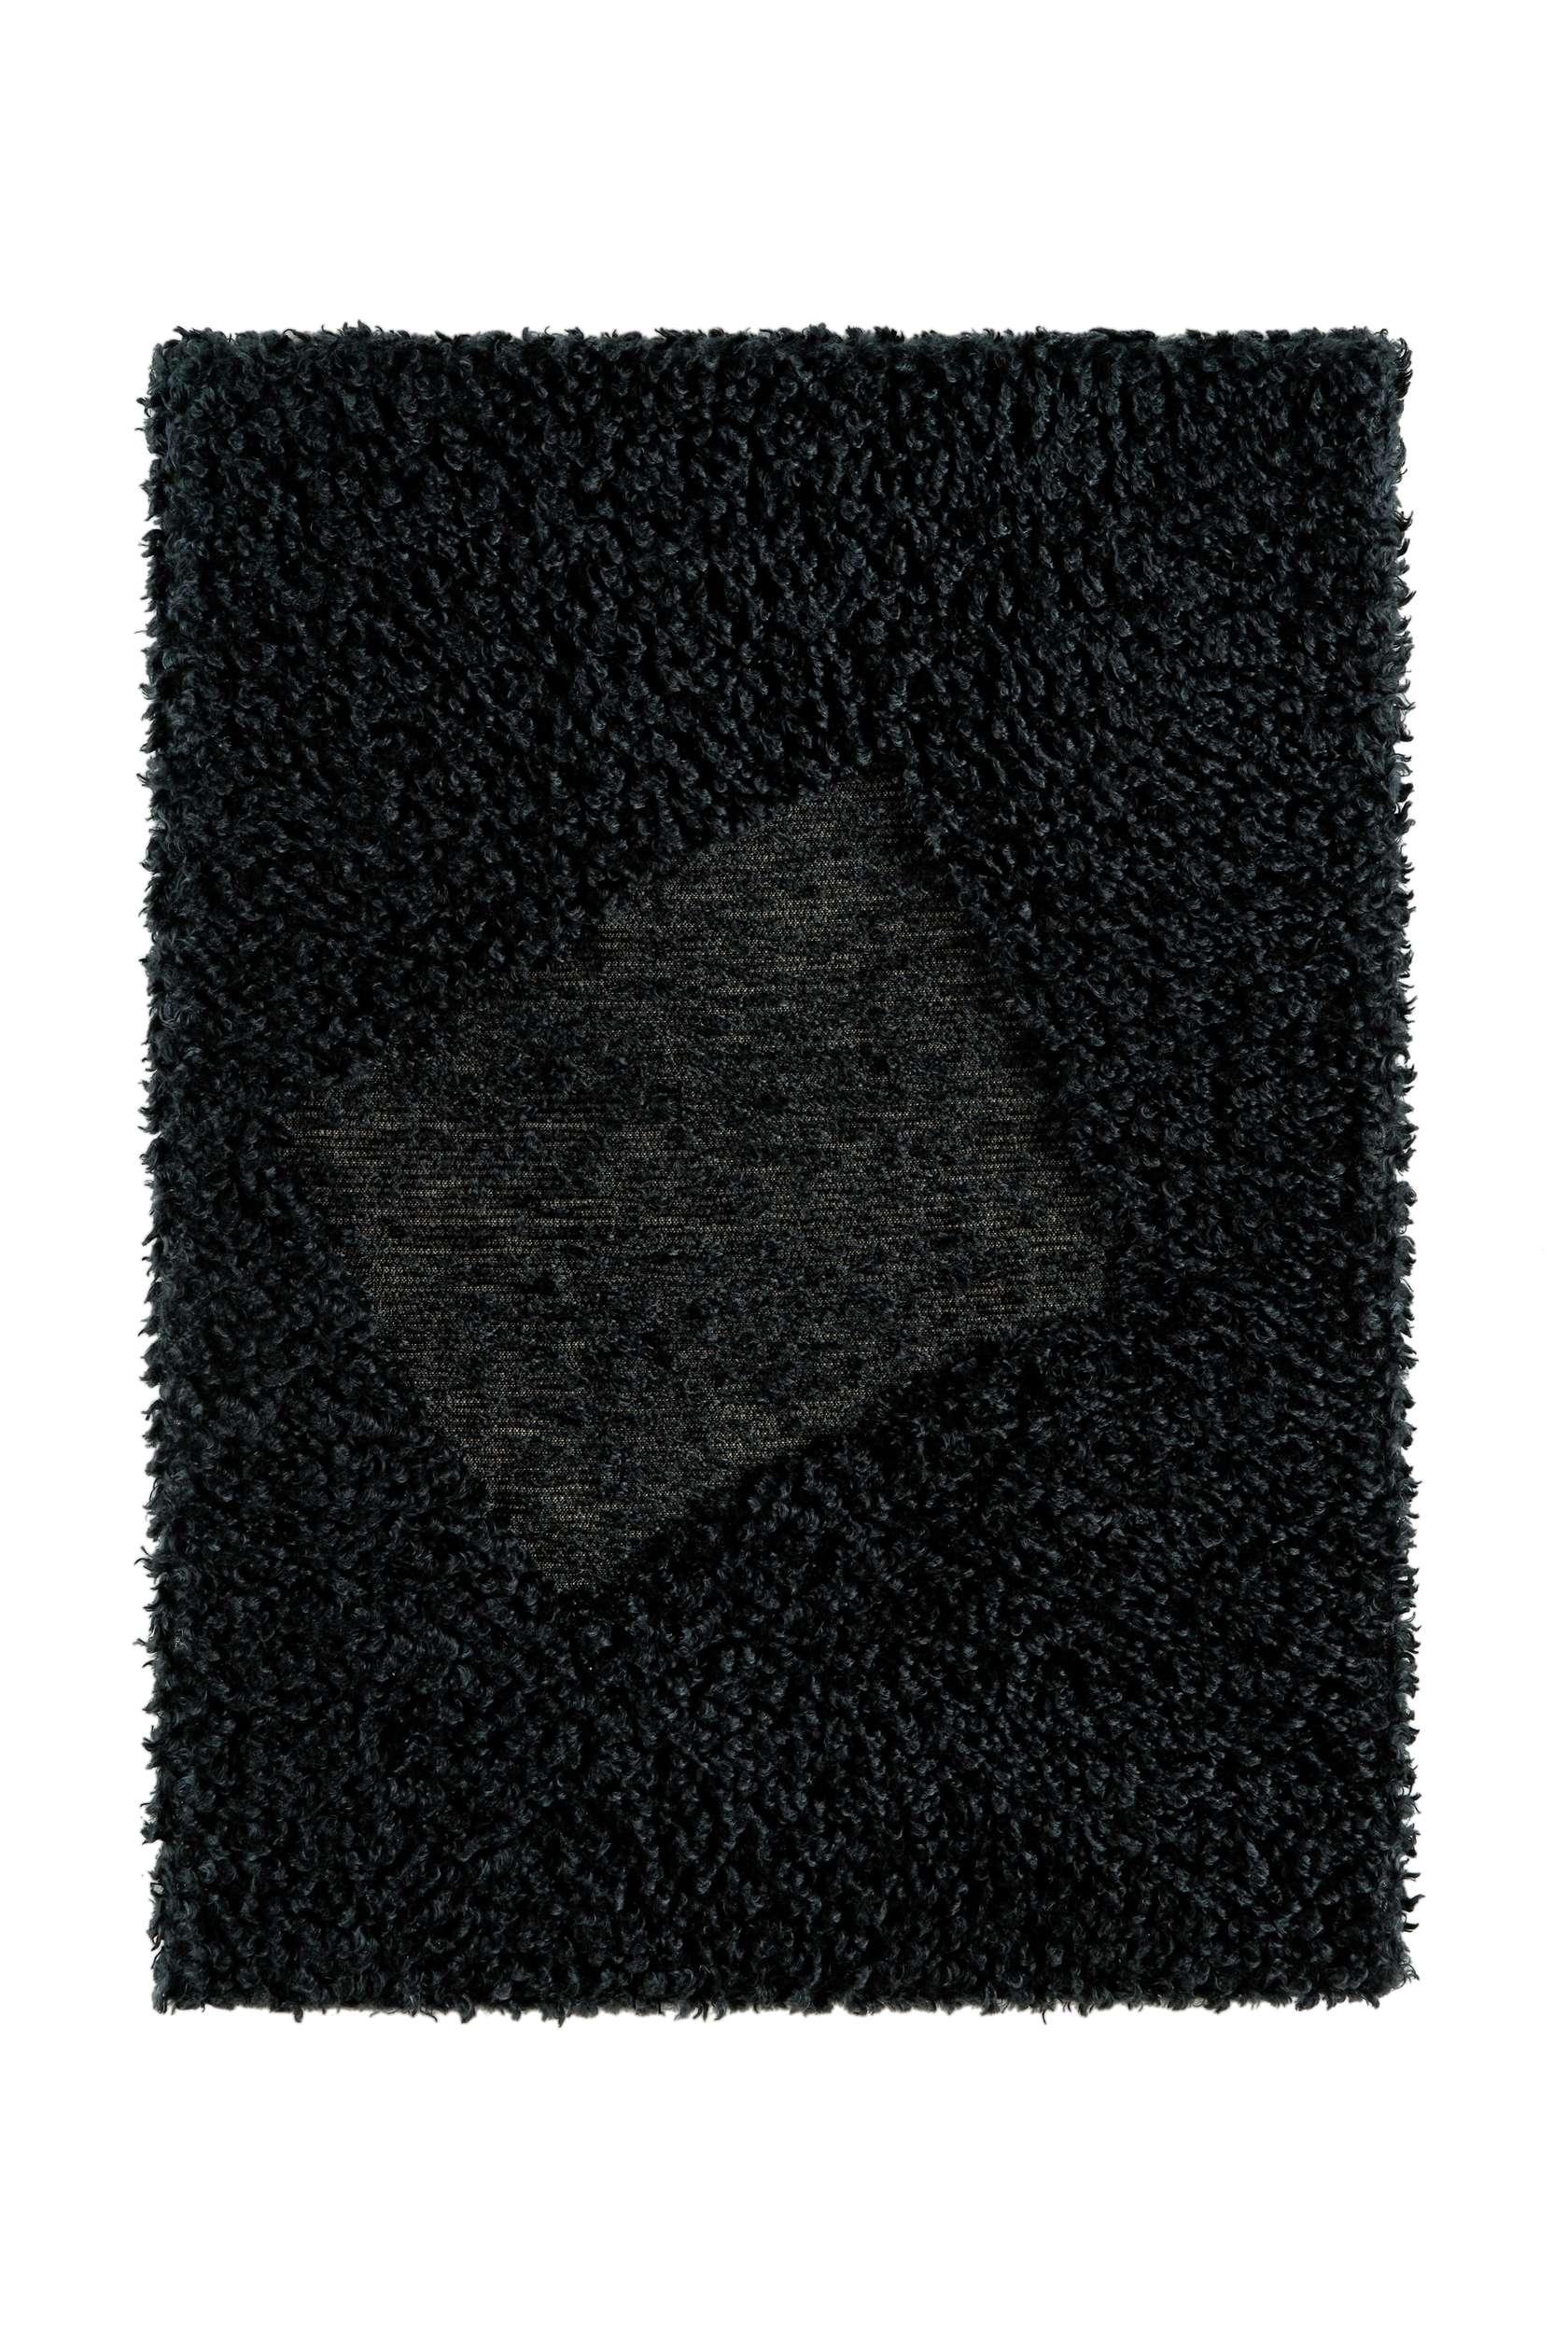 Présence Panchounette, Rasé tondu ou toile caniche, 1983 Moquette rasée tendue sur chassis75 x 56cm / 29 1/2 x 22 inches